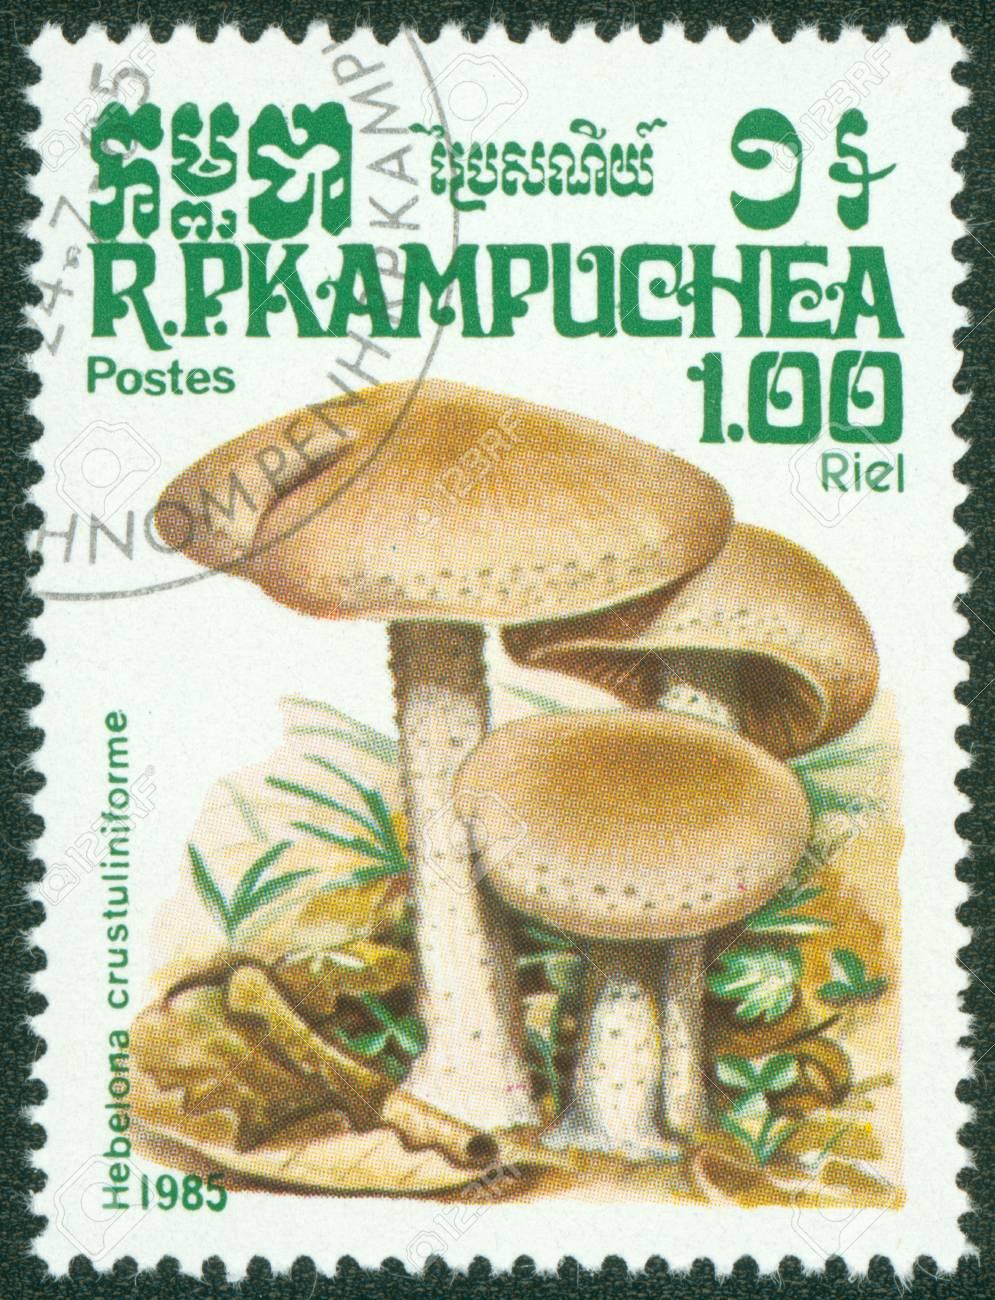 CAMBODIA - CIRCA 1985  A stamp printed in Cambodia shows Mushroom, circa 1985 Stock Photo - 16302144